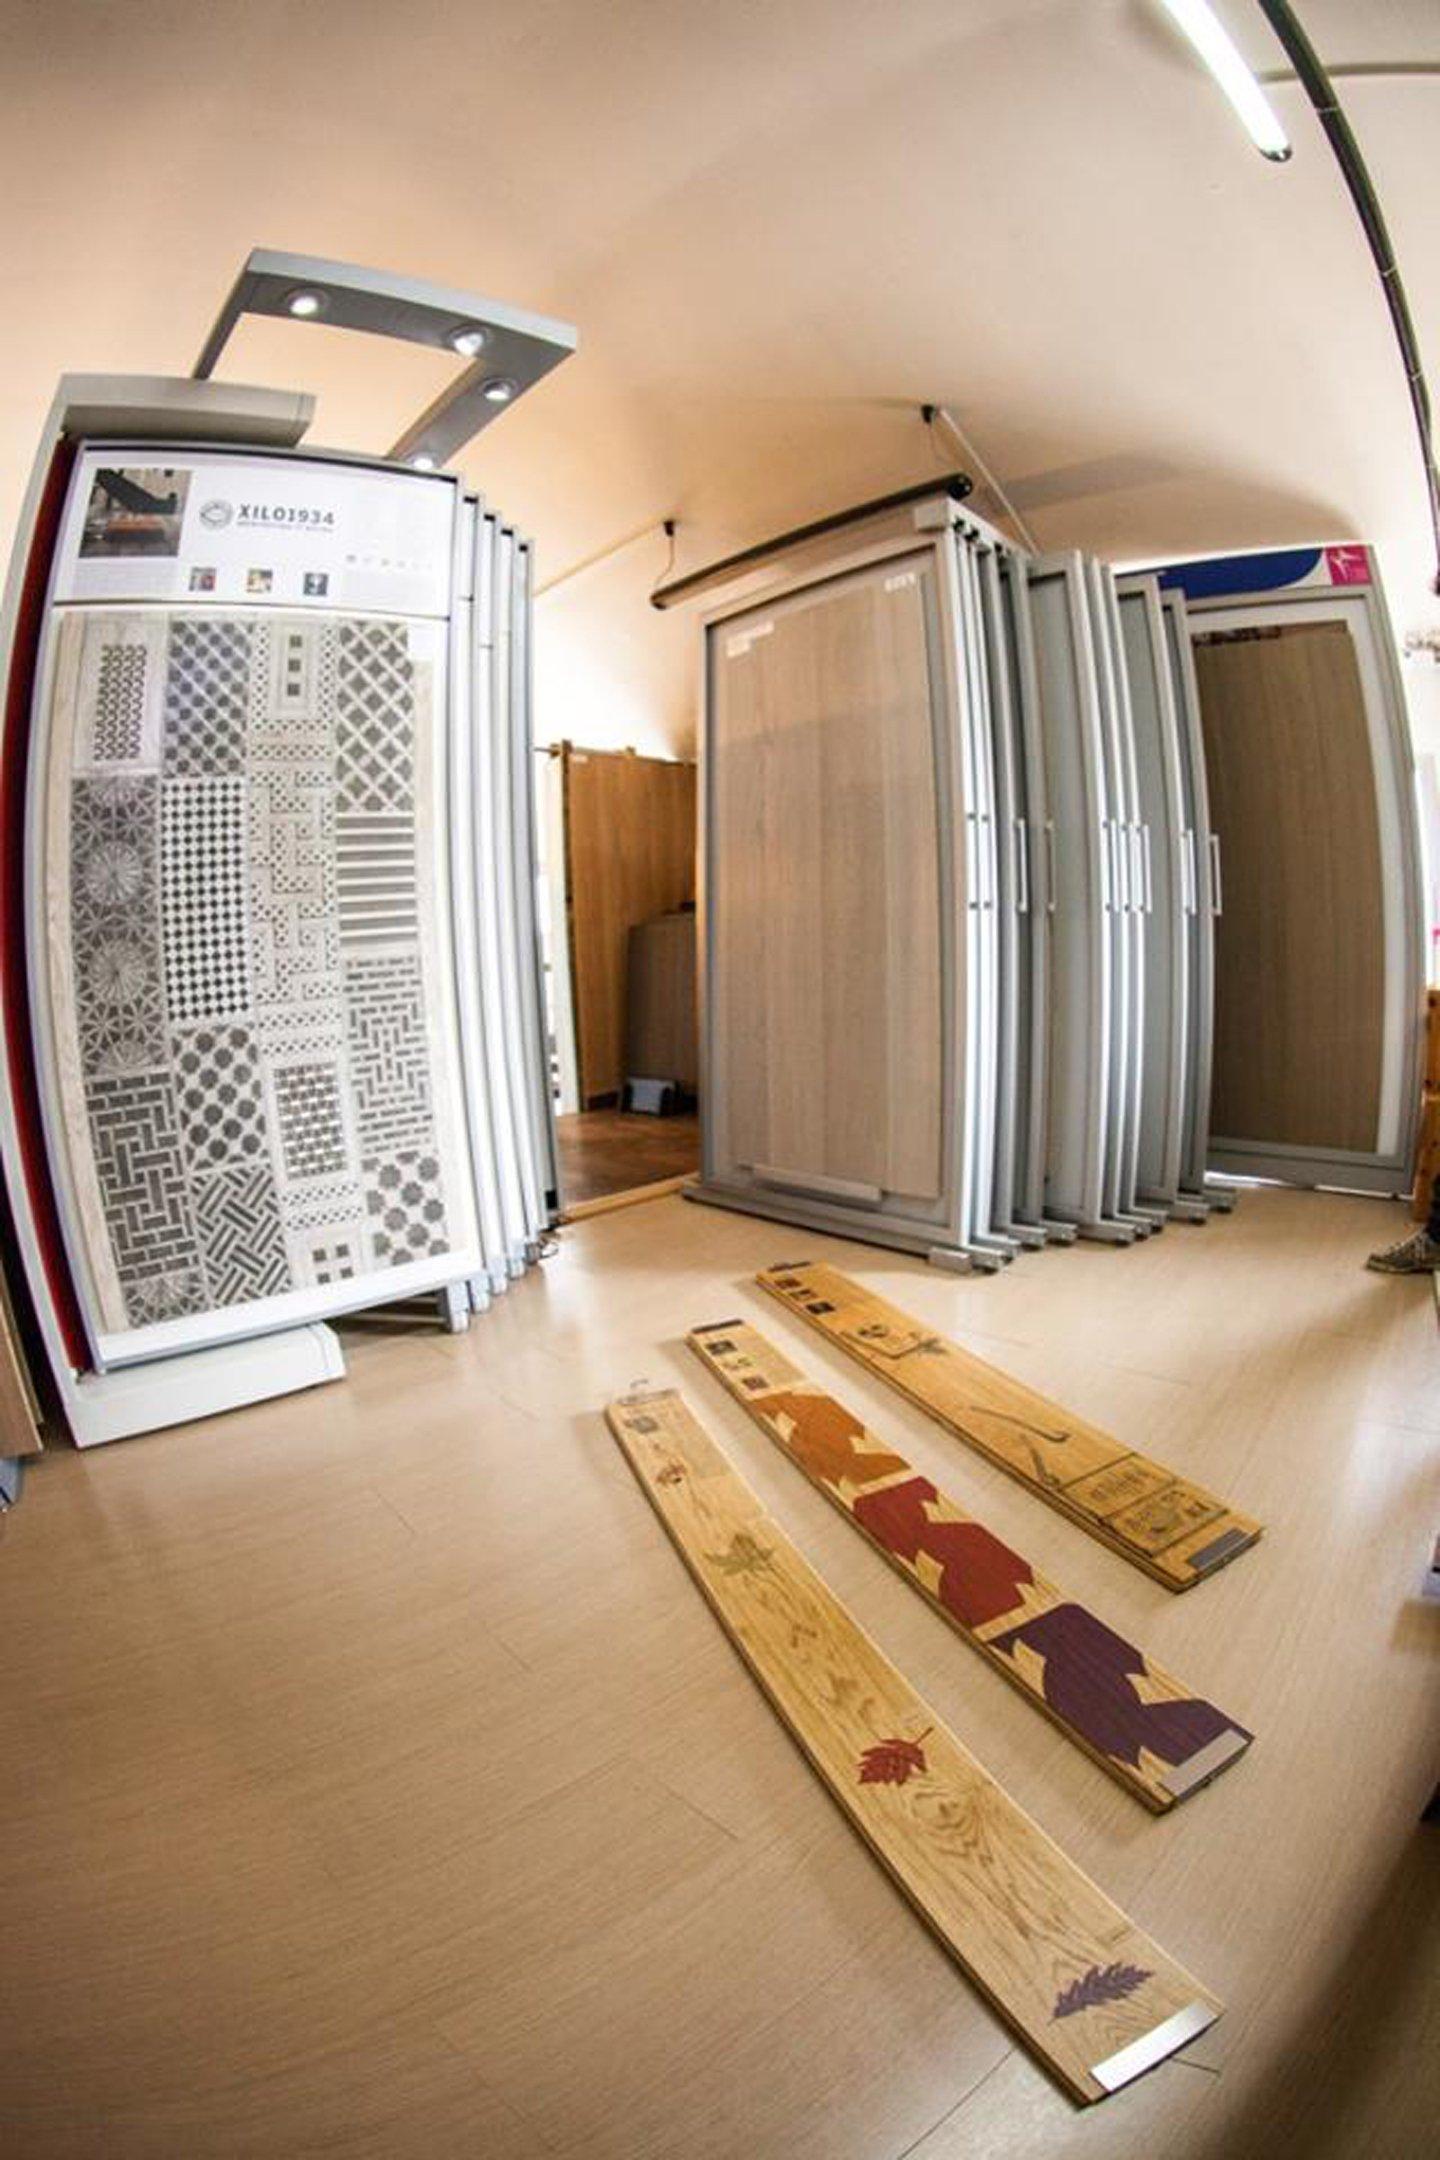 magazzino con forniture per arredamenti vari